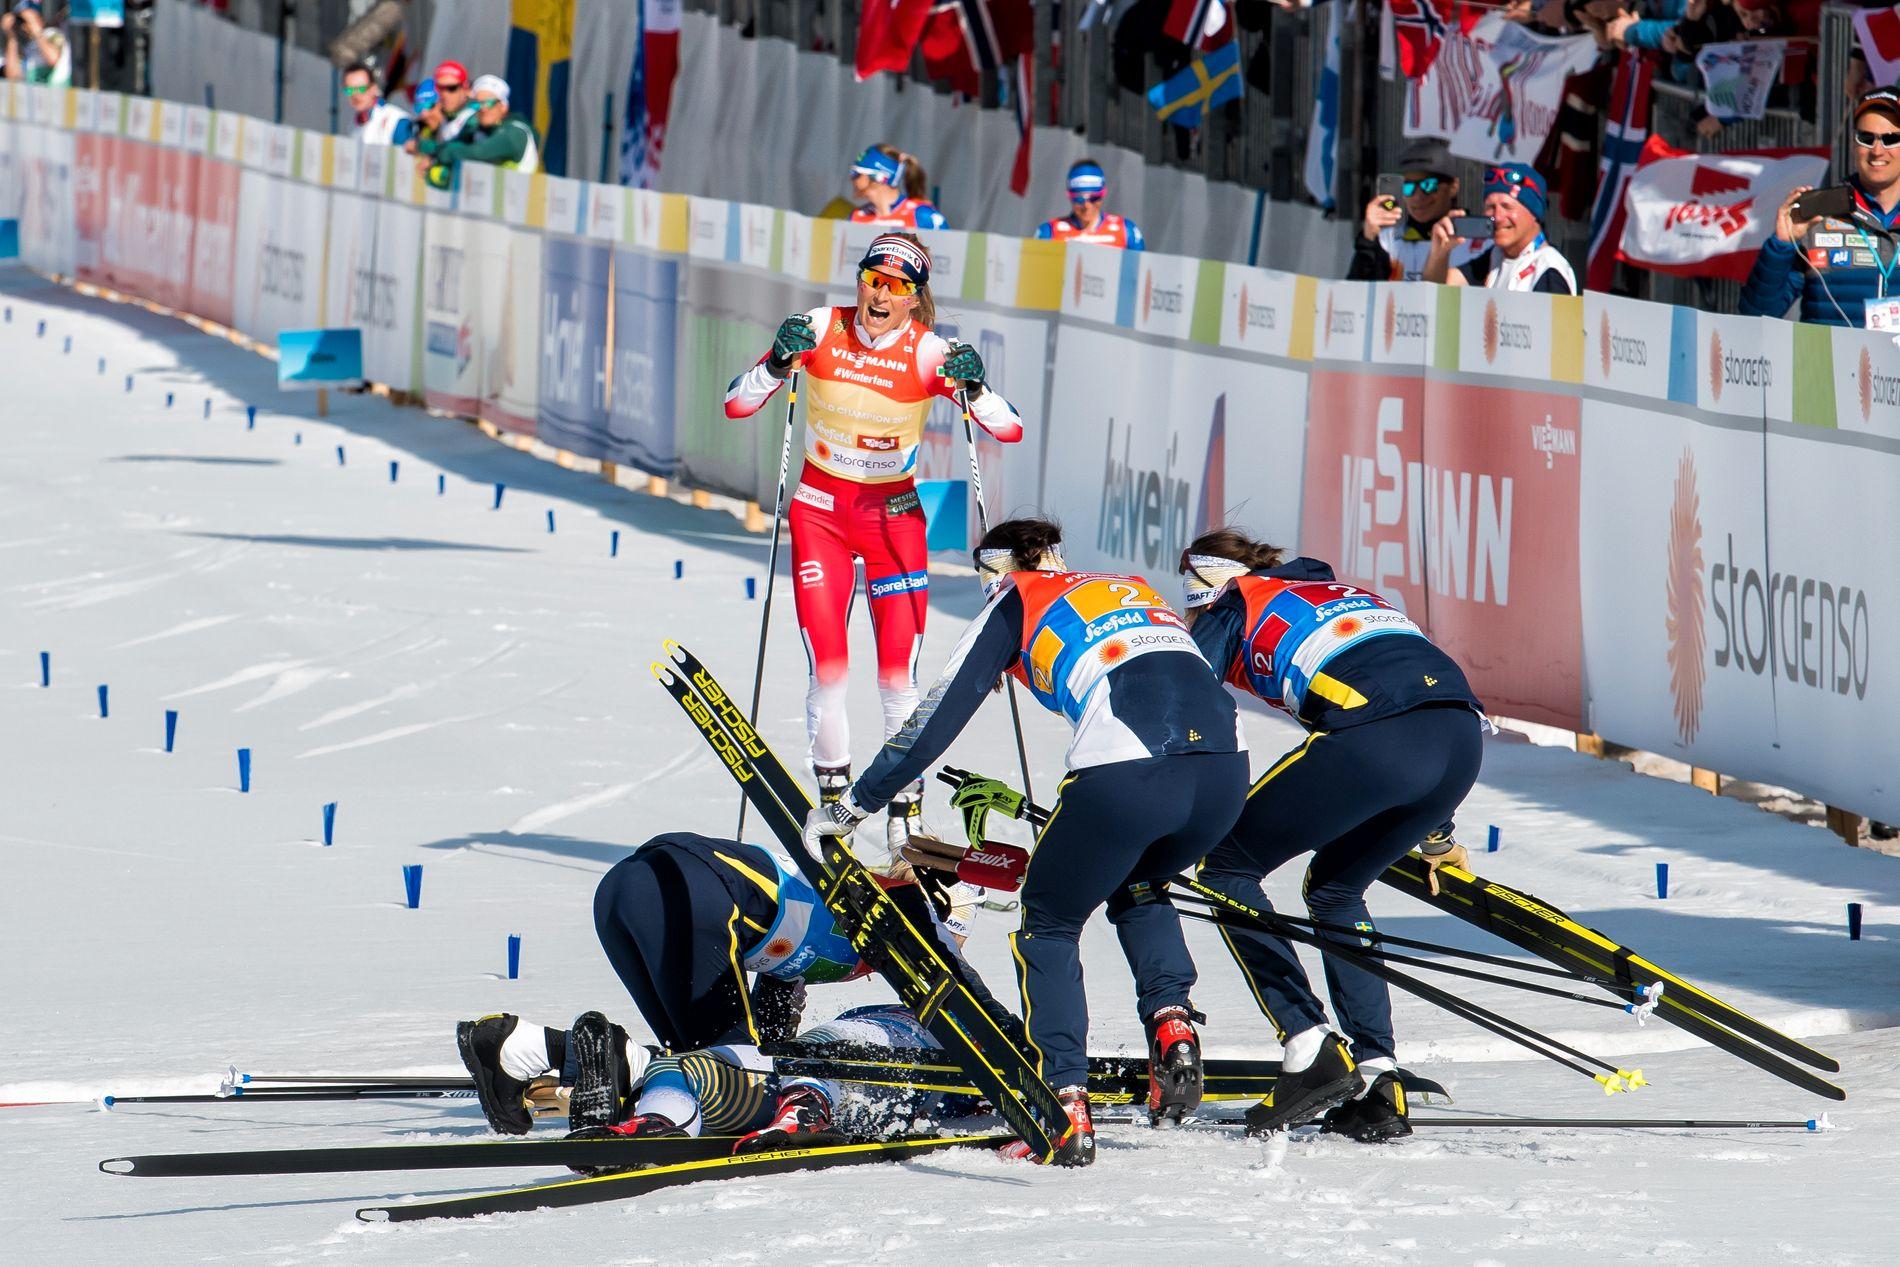 Da Therese Johaug skulle krysse målstreken, måtte hun gå en liten omvei forbi jublende svensker.